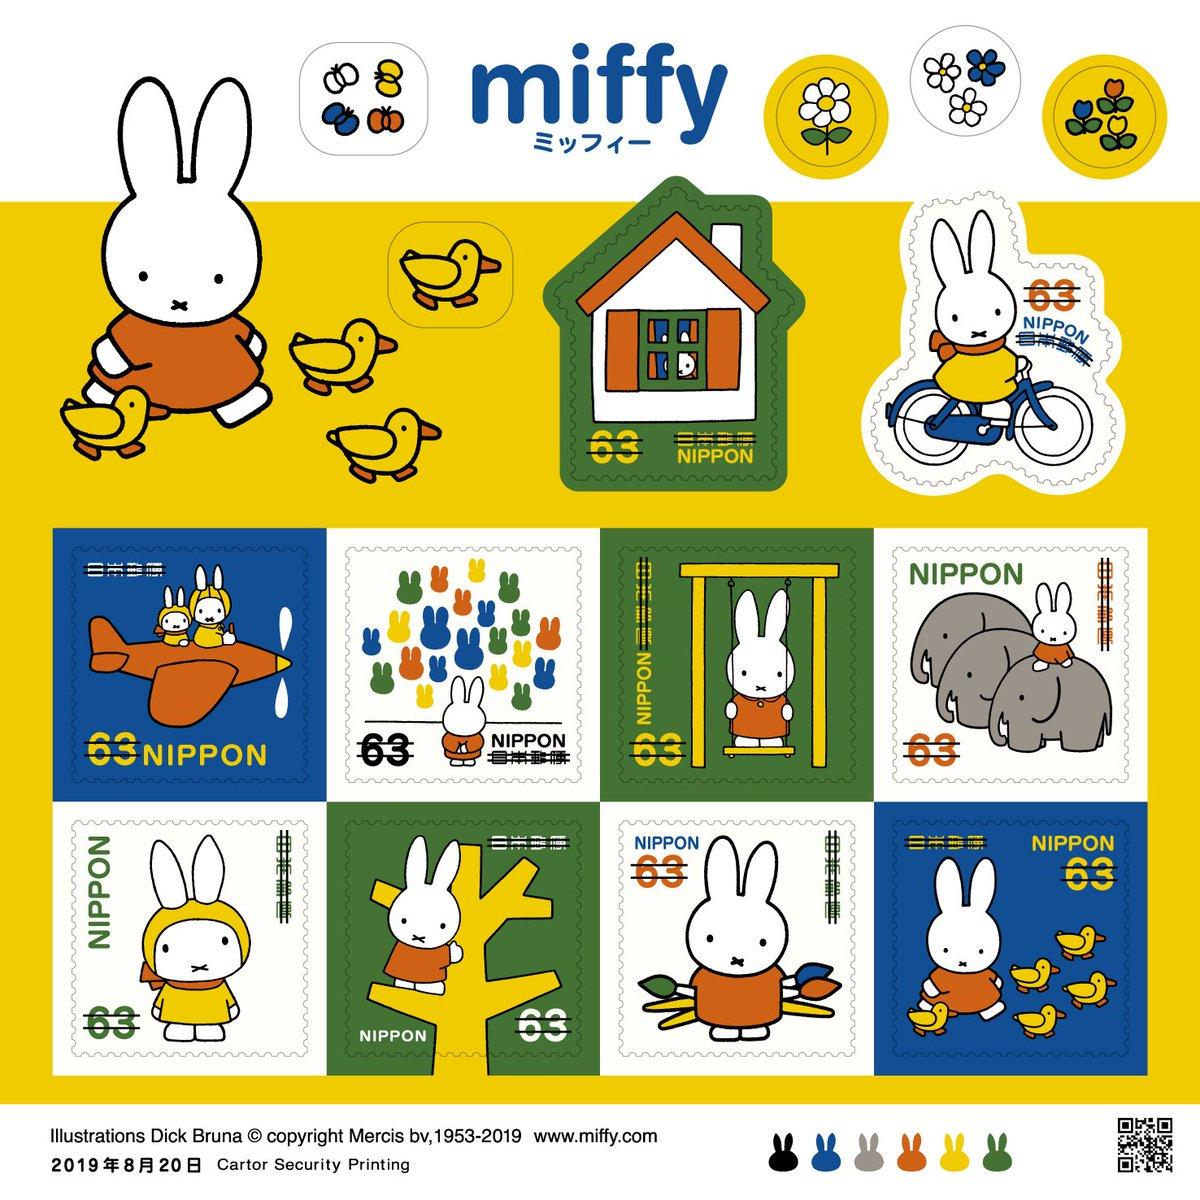 test ツイッターメディア - グリーティング切手「ミッフィー」が本日発行! 63円シートにはミッフィーがおでかけしている場面が、 84円シートにはミッフィーのおともだちがたくさん登場するよ♪ 絵本のような正方形の切手やミッフィーの顔の形の 切手もあって素敵だね☆ https://t.co/I7fowMpjTr https://t.co/XvFxu6JpQD